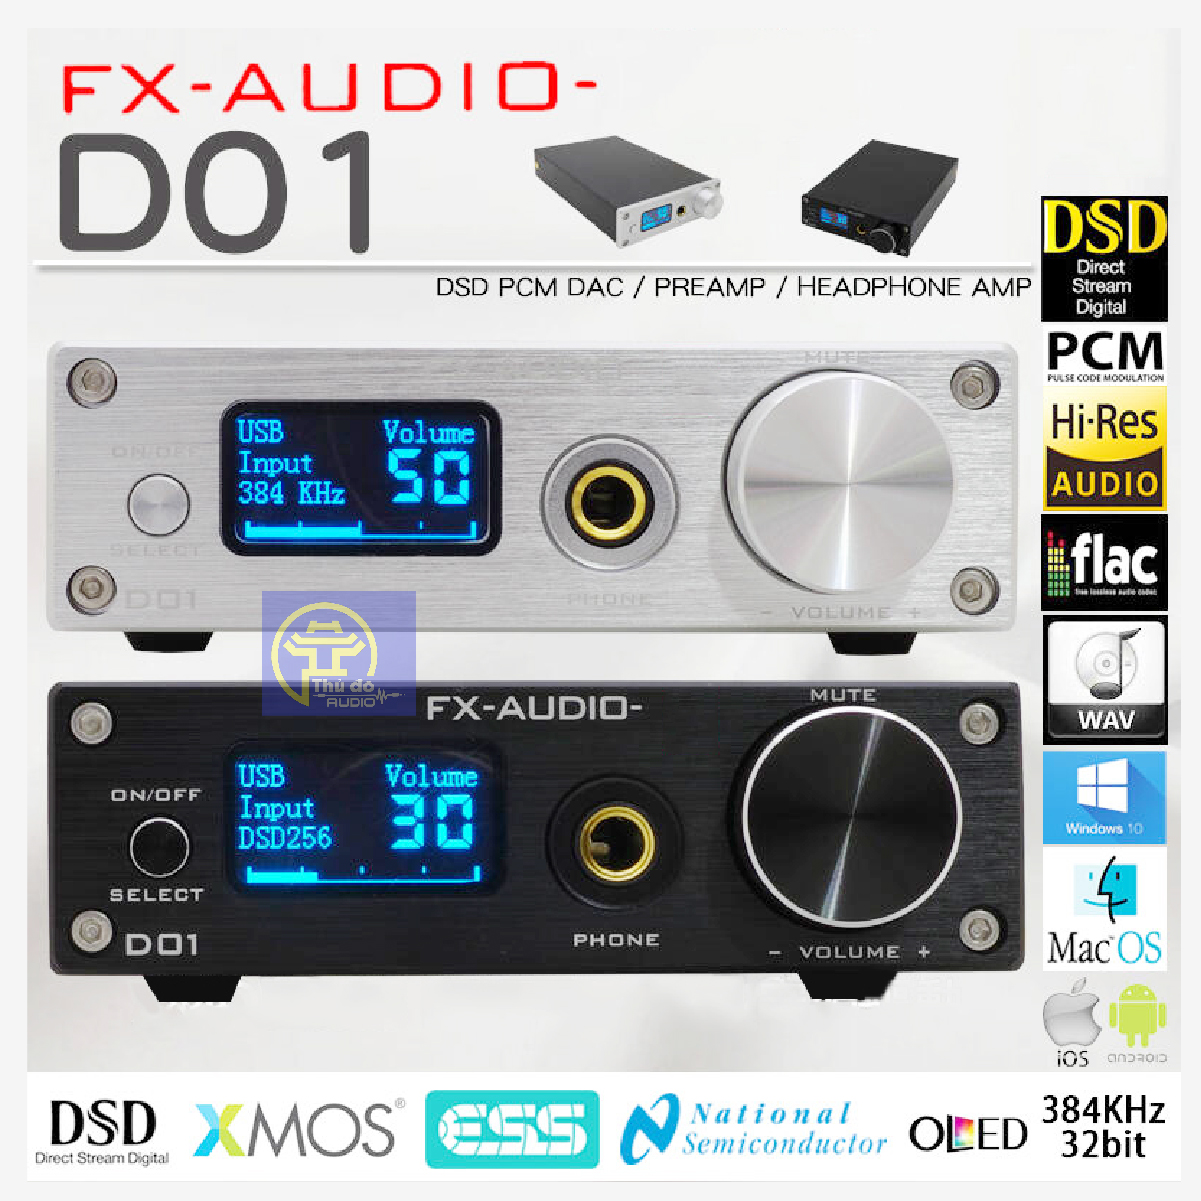 [Trả góp 0%]Bộ giải mã DAC FX audio D01 32bit Bluetooth - bản nâng cấp hoàn hảo của X7